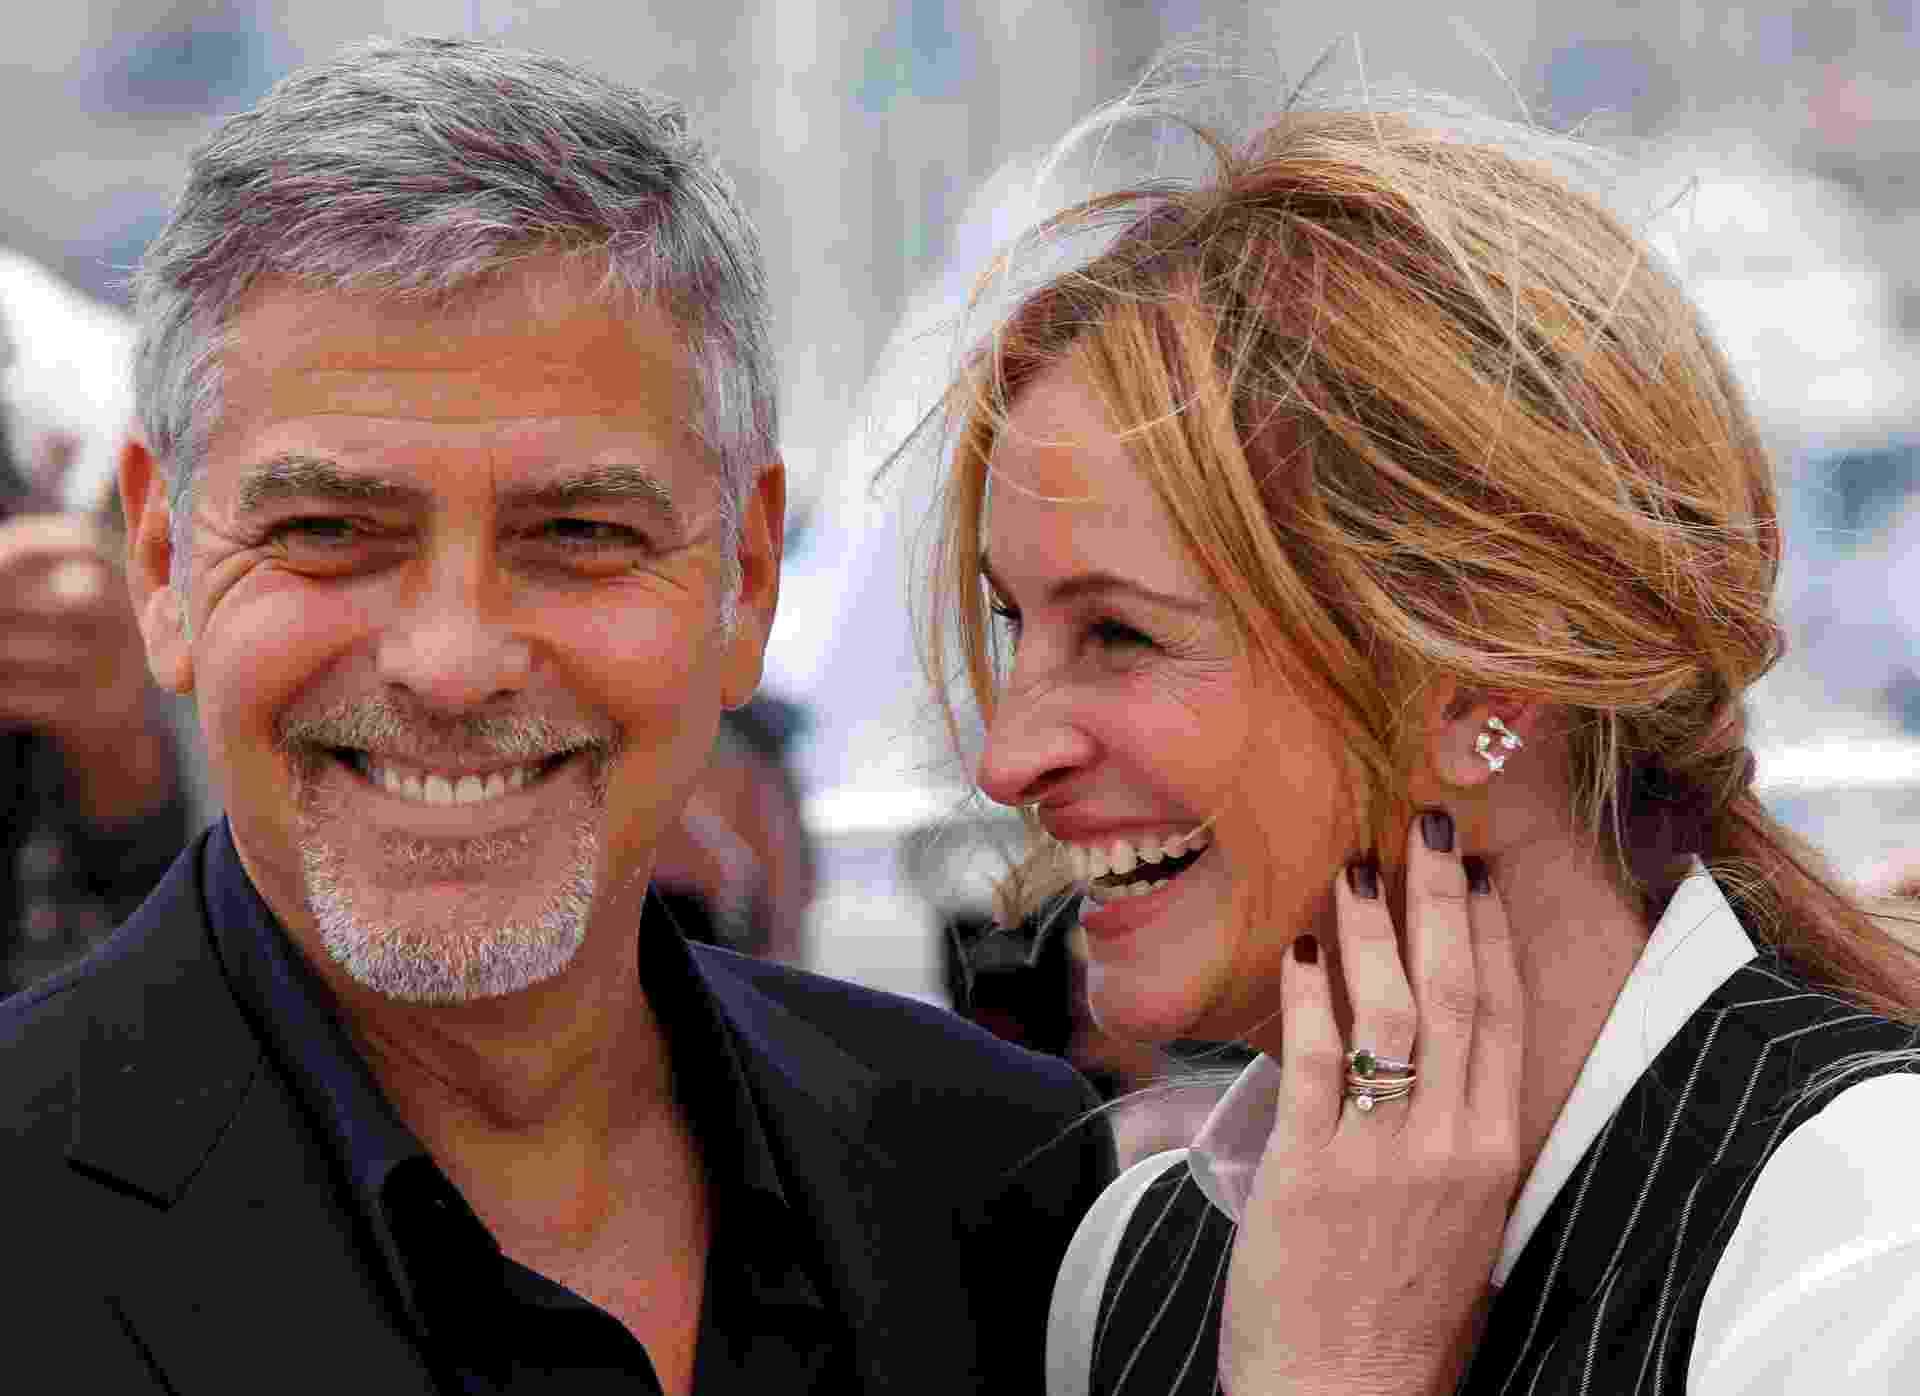 """12.mai.2016 - Julia Roberts e George Clooney posam juntos na sessão de """"Jogo do Dinheiro"""", de Jodie Foster, no Festival de Cannes 2016 - REUTERS/Yves Herman"""